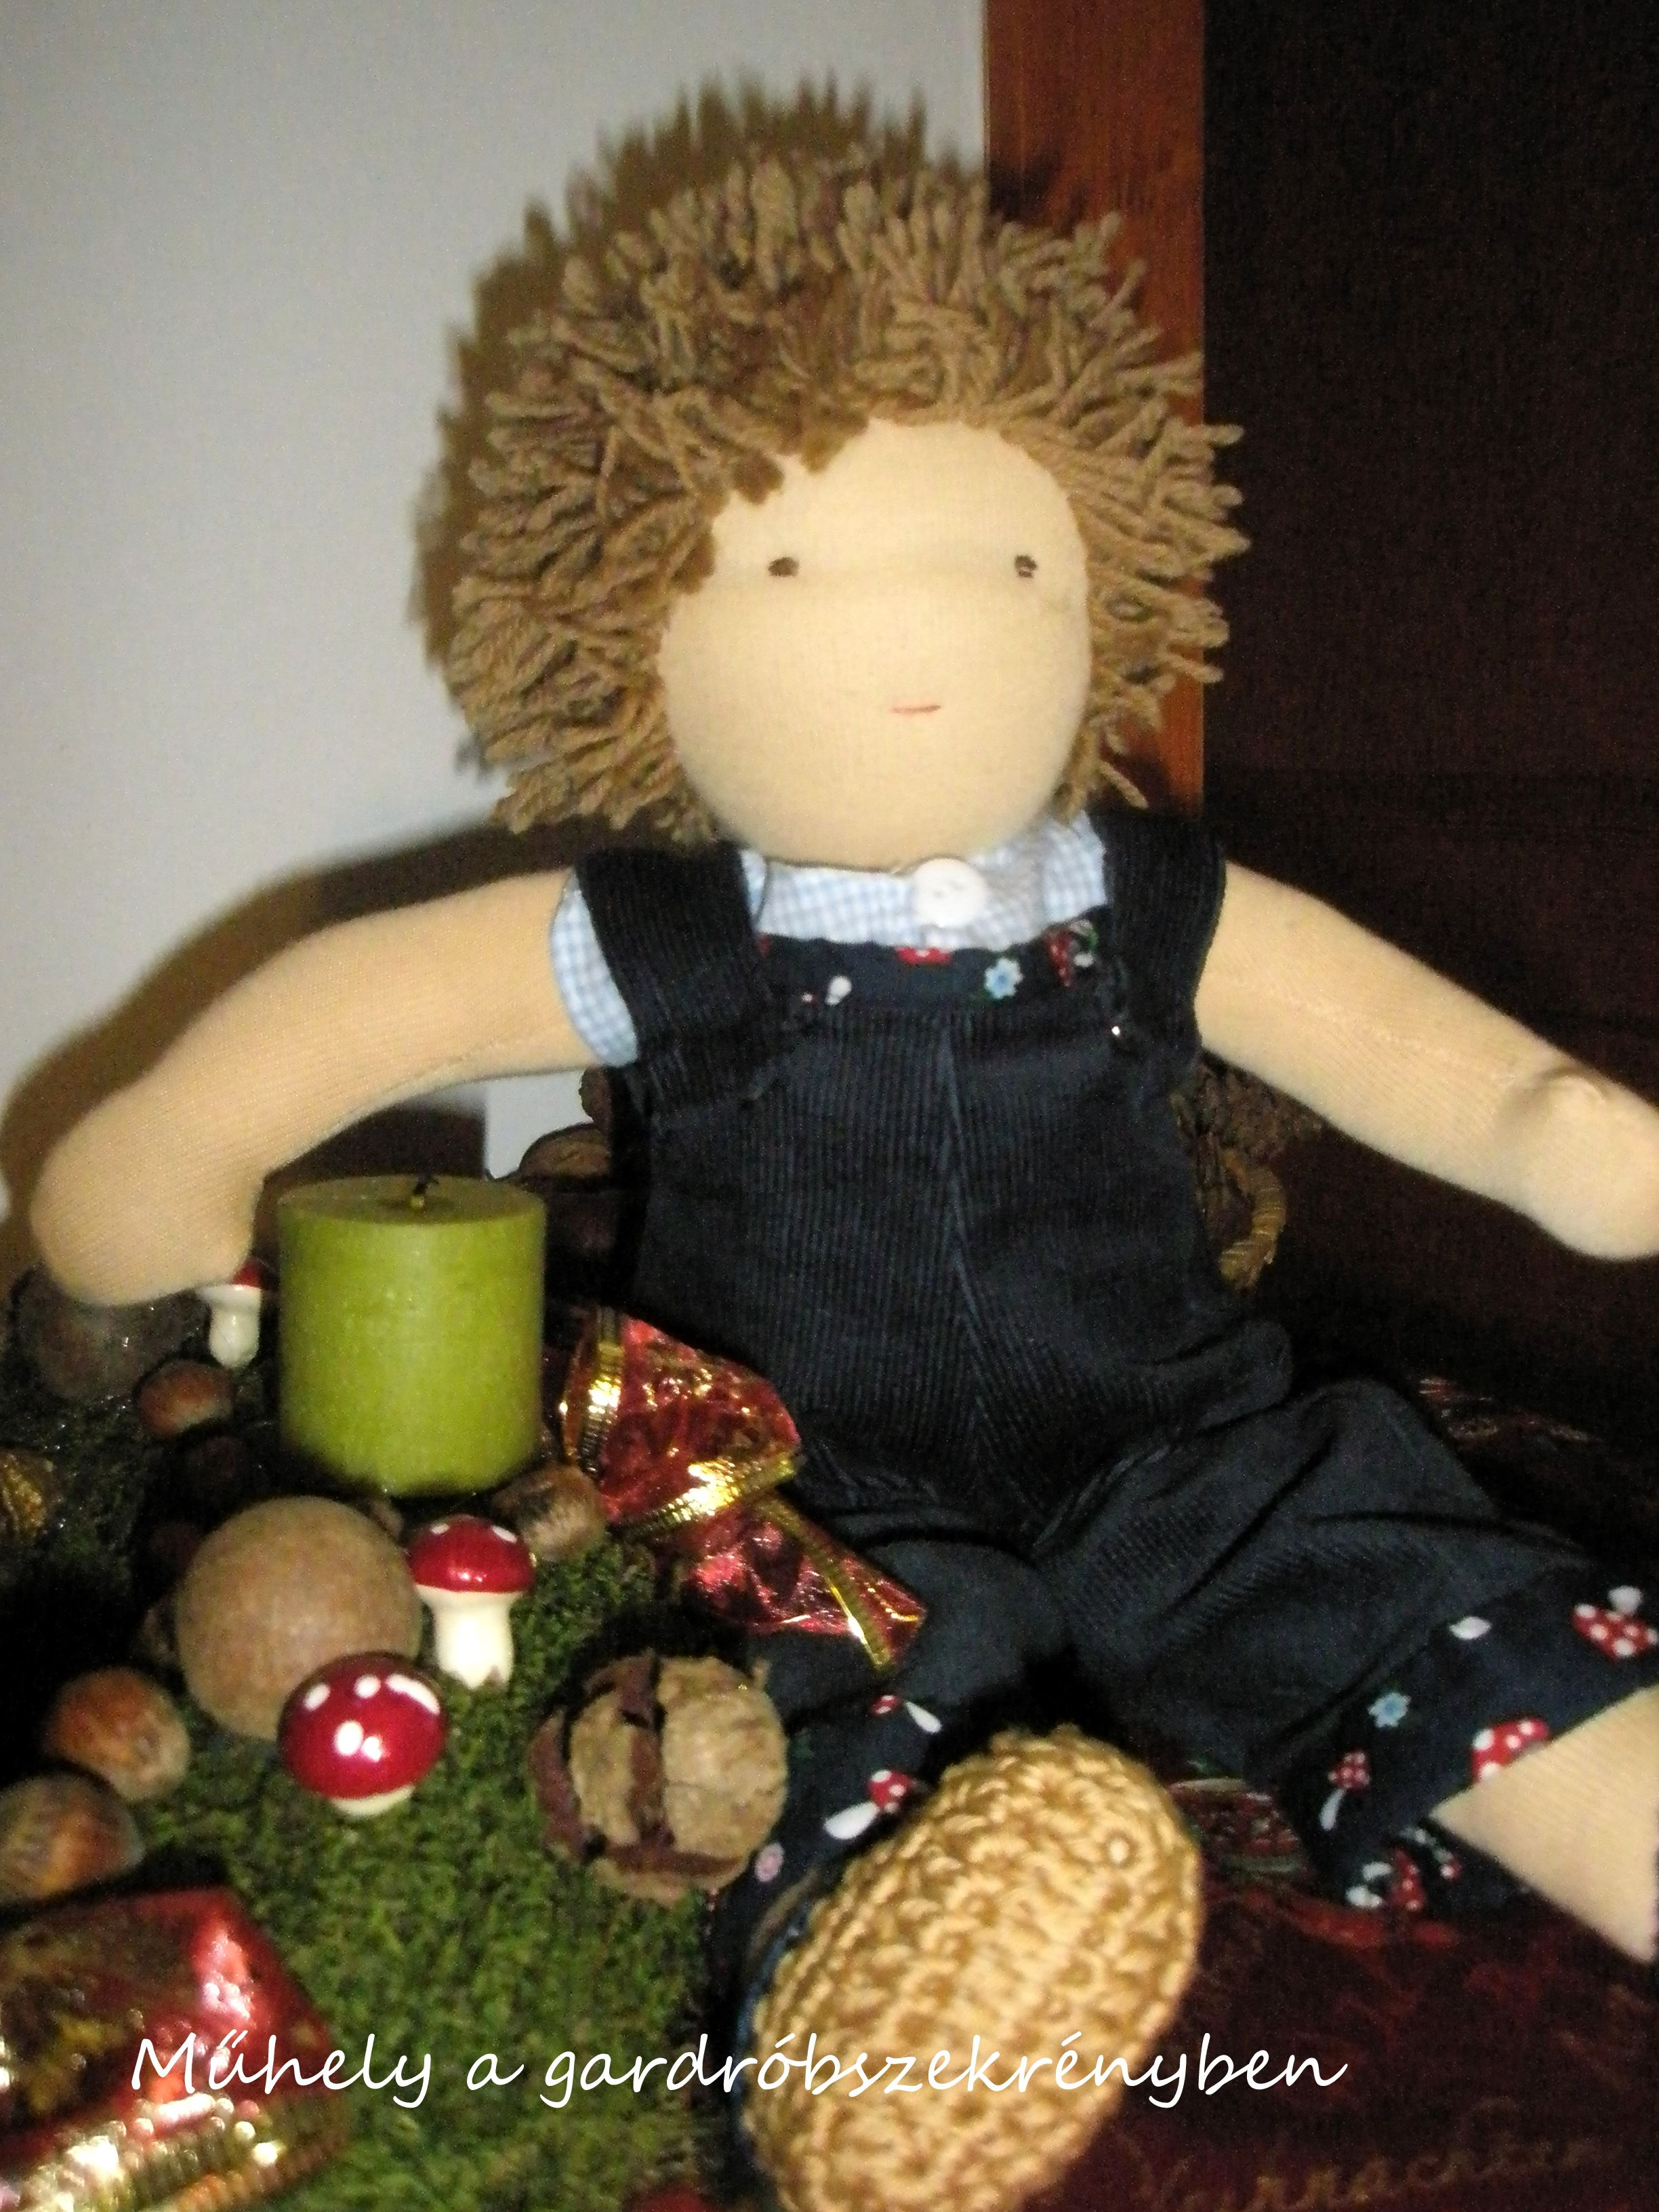 Daniel's doll